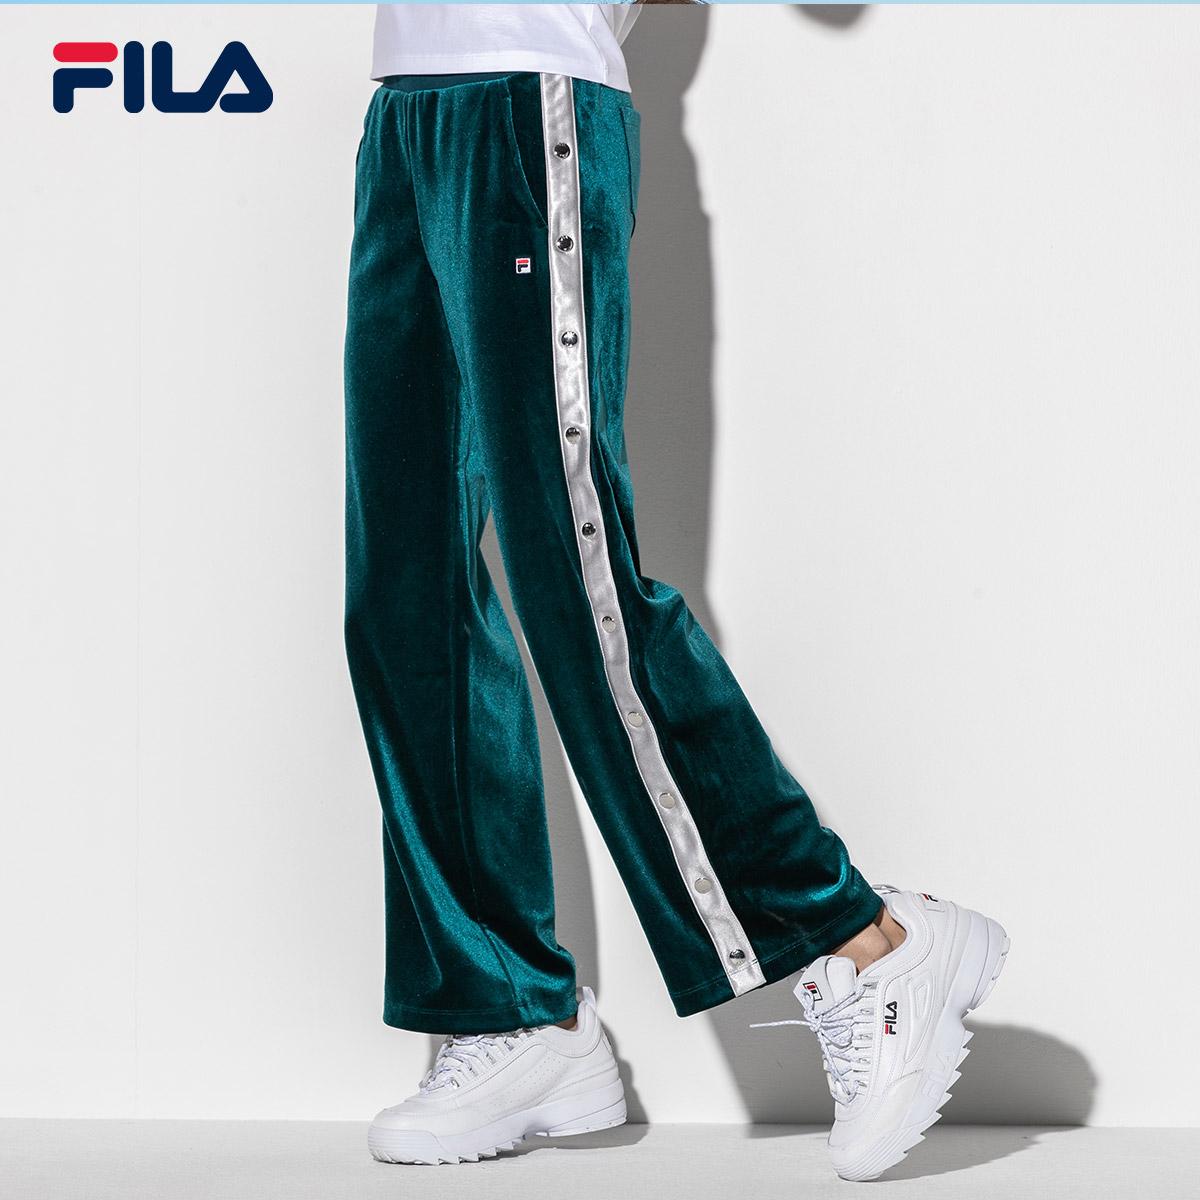 FILA斐乐女长裤2018秋季新款时尚休闲潮流街头宽松针织运动长裤女